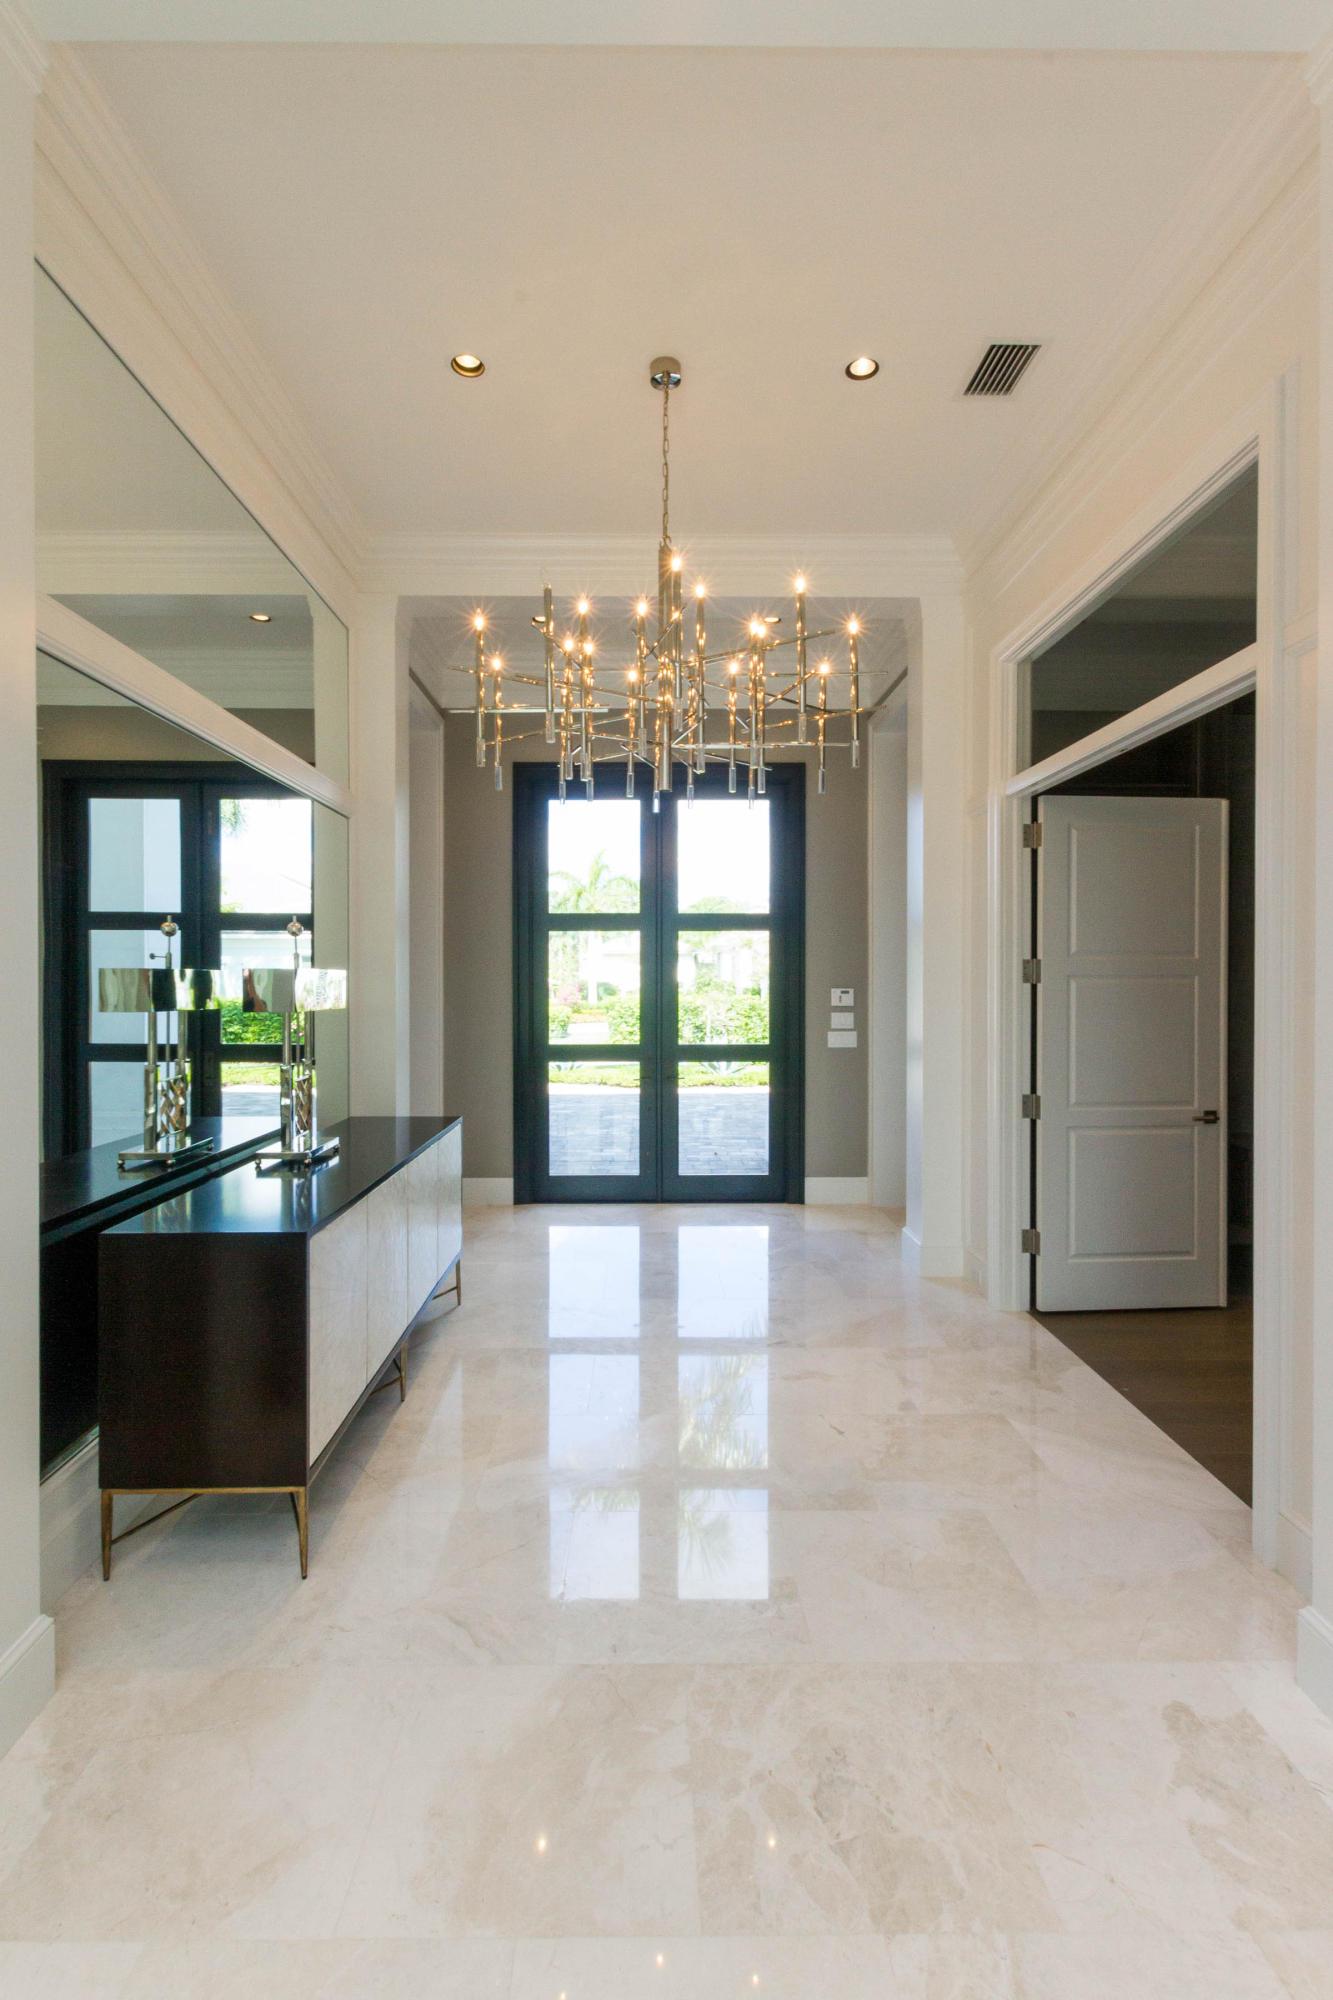 12027 Leucandra Court, Palm Beach Gardens, Florida 33418, 5 Bedrooms Bedrooms, ,6.2 BathroomsBathrooms,A,Single family,Leucandra,RX-10506058